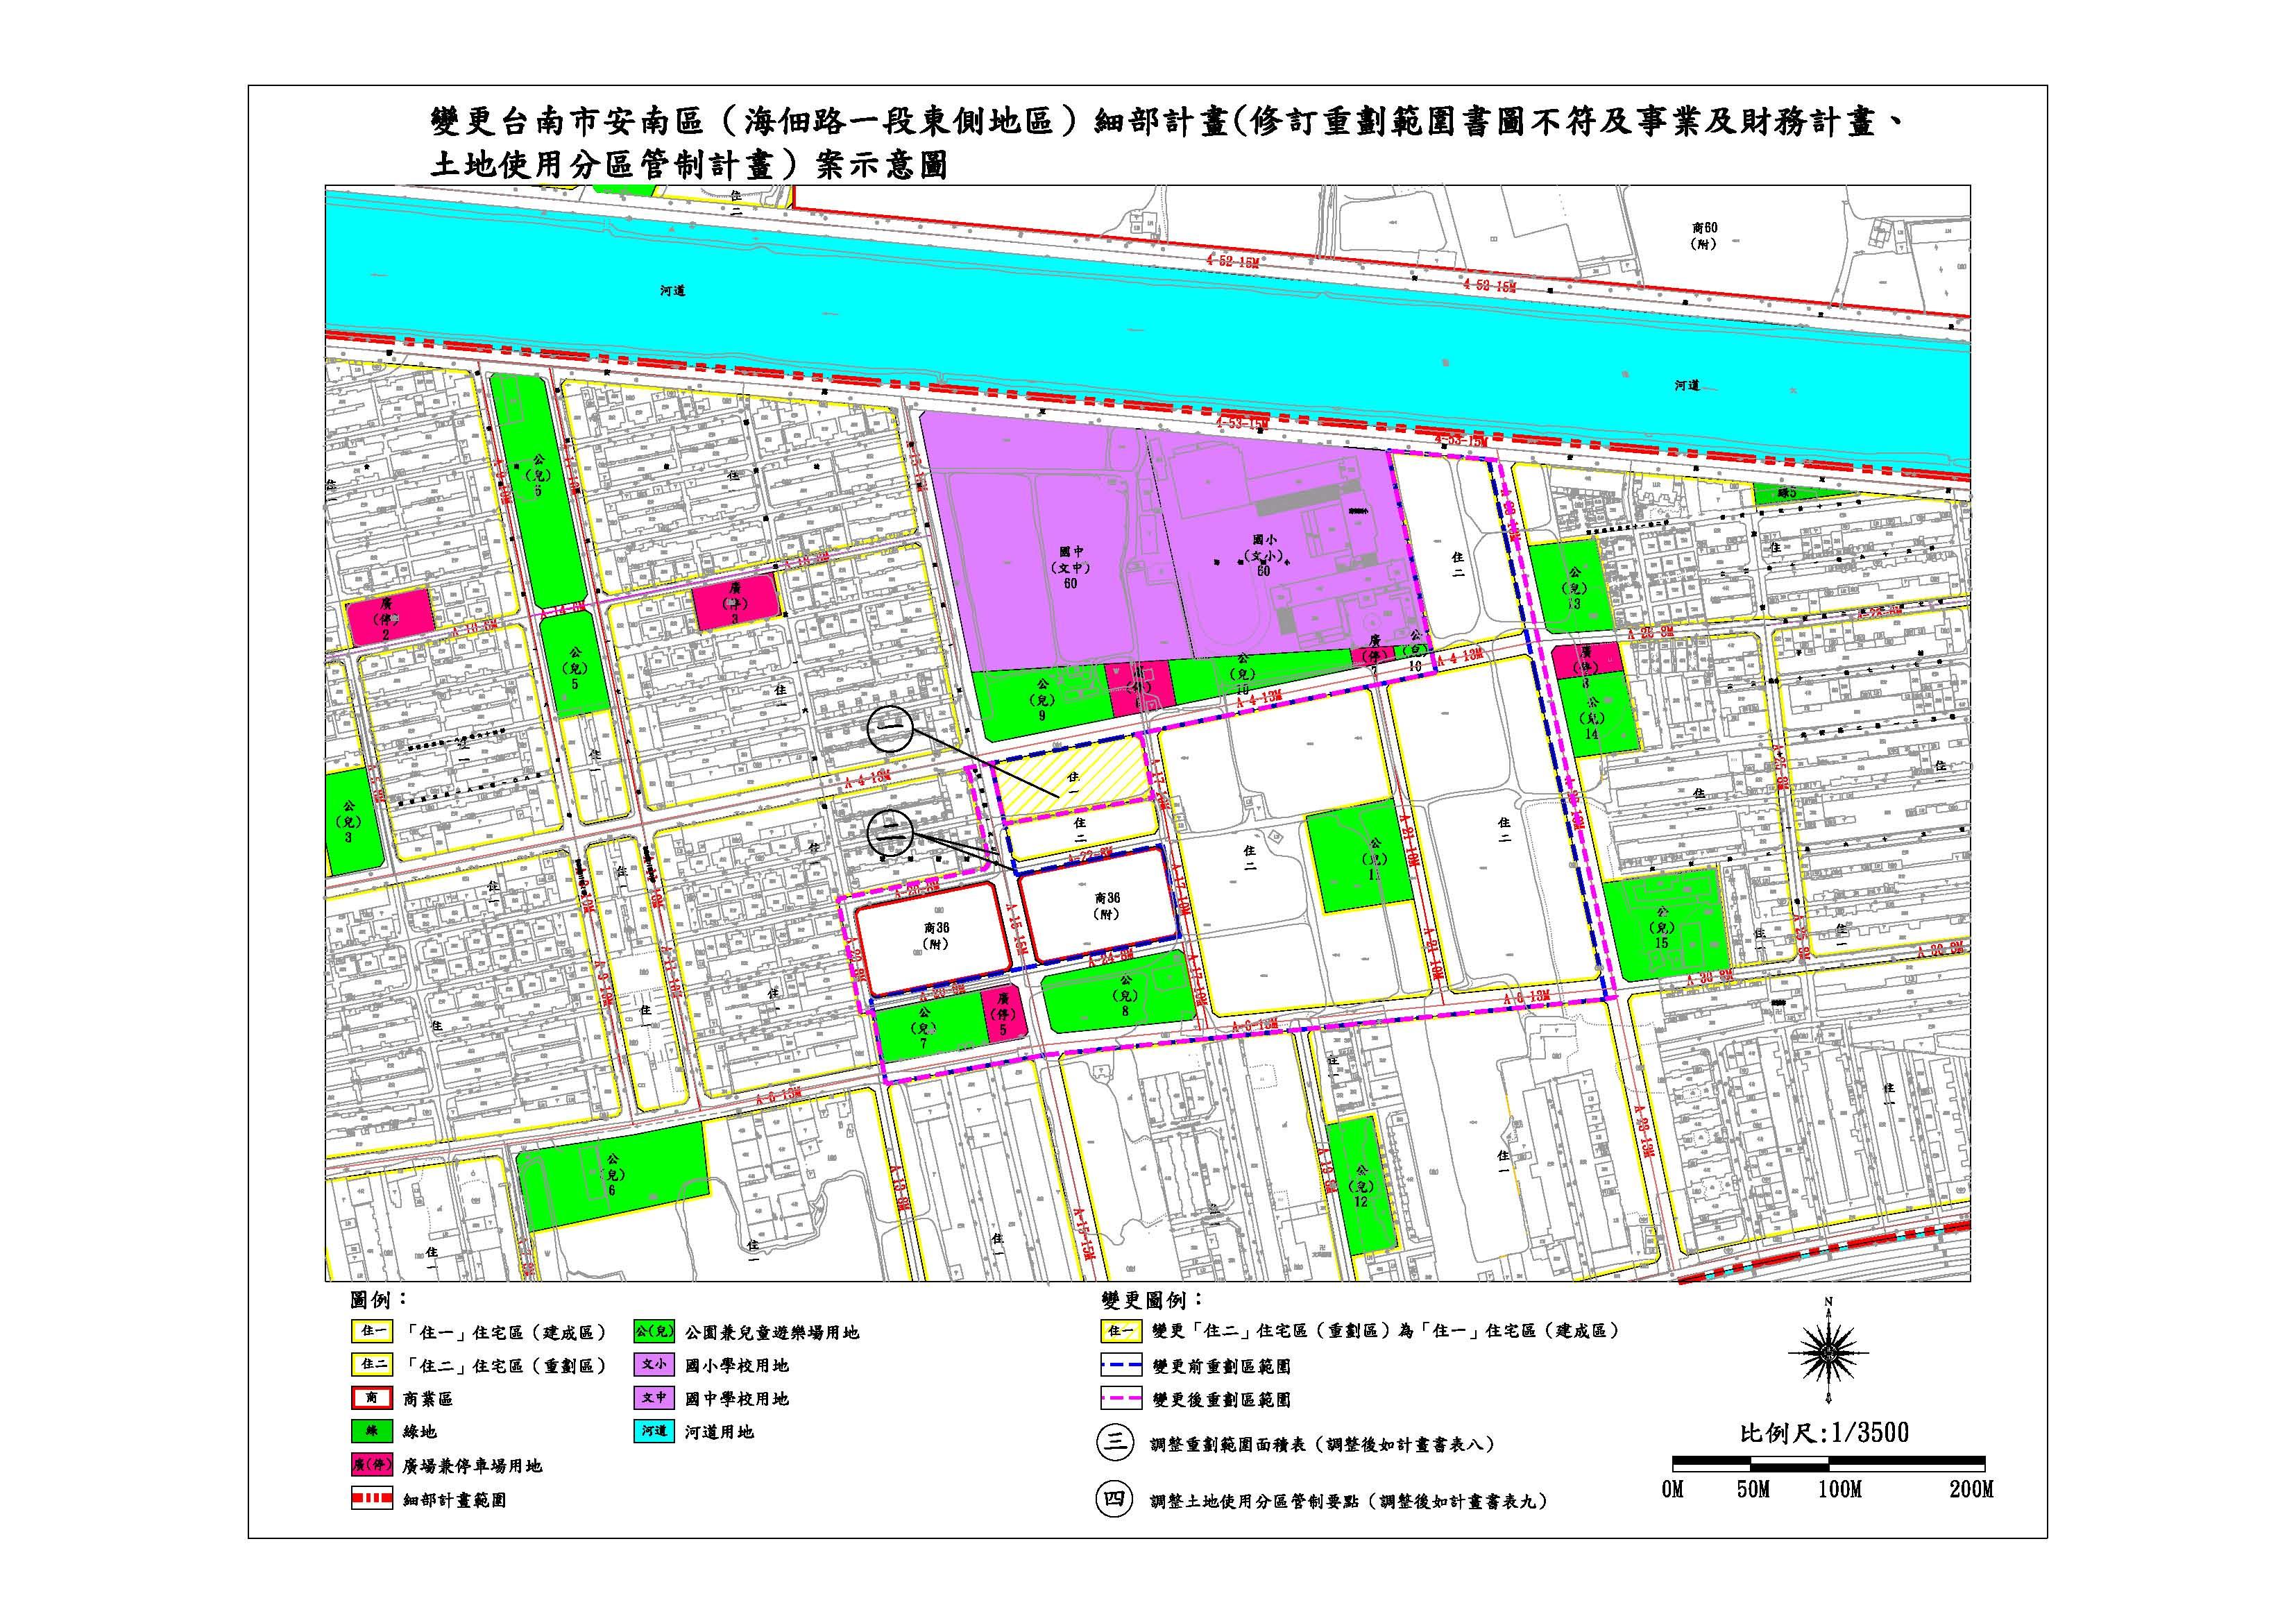 「變更台南市主要計畫(海佃路一段東側地區)細部計畫(修訂重劃範圍書圖不符及事業及財務計畫、土地使用分區管制計畫)案」自97年1月30日起公開展覽  0